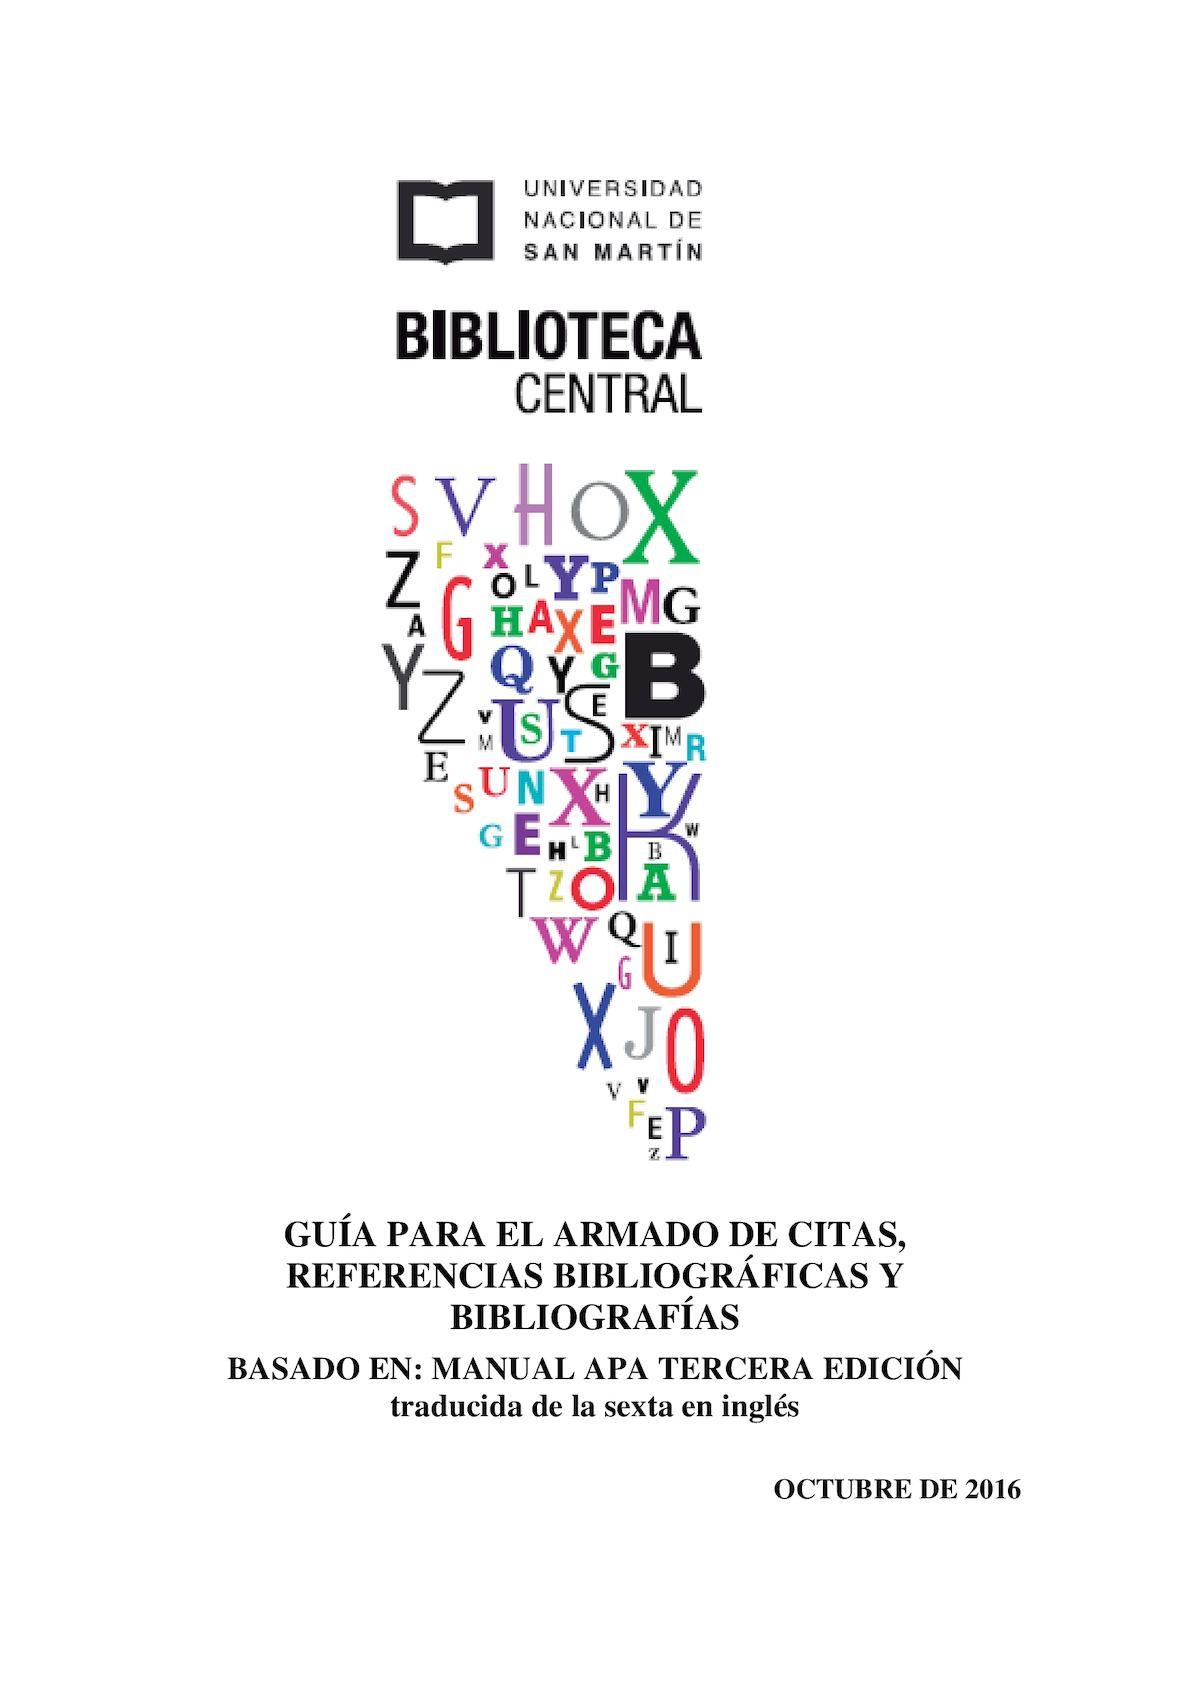 Guía Para El Armado De Citas, Referencias Bibliográficas Y Bibliografías